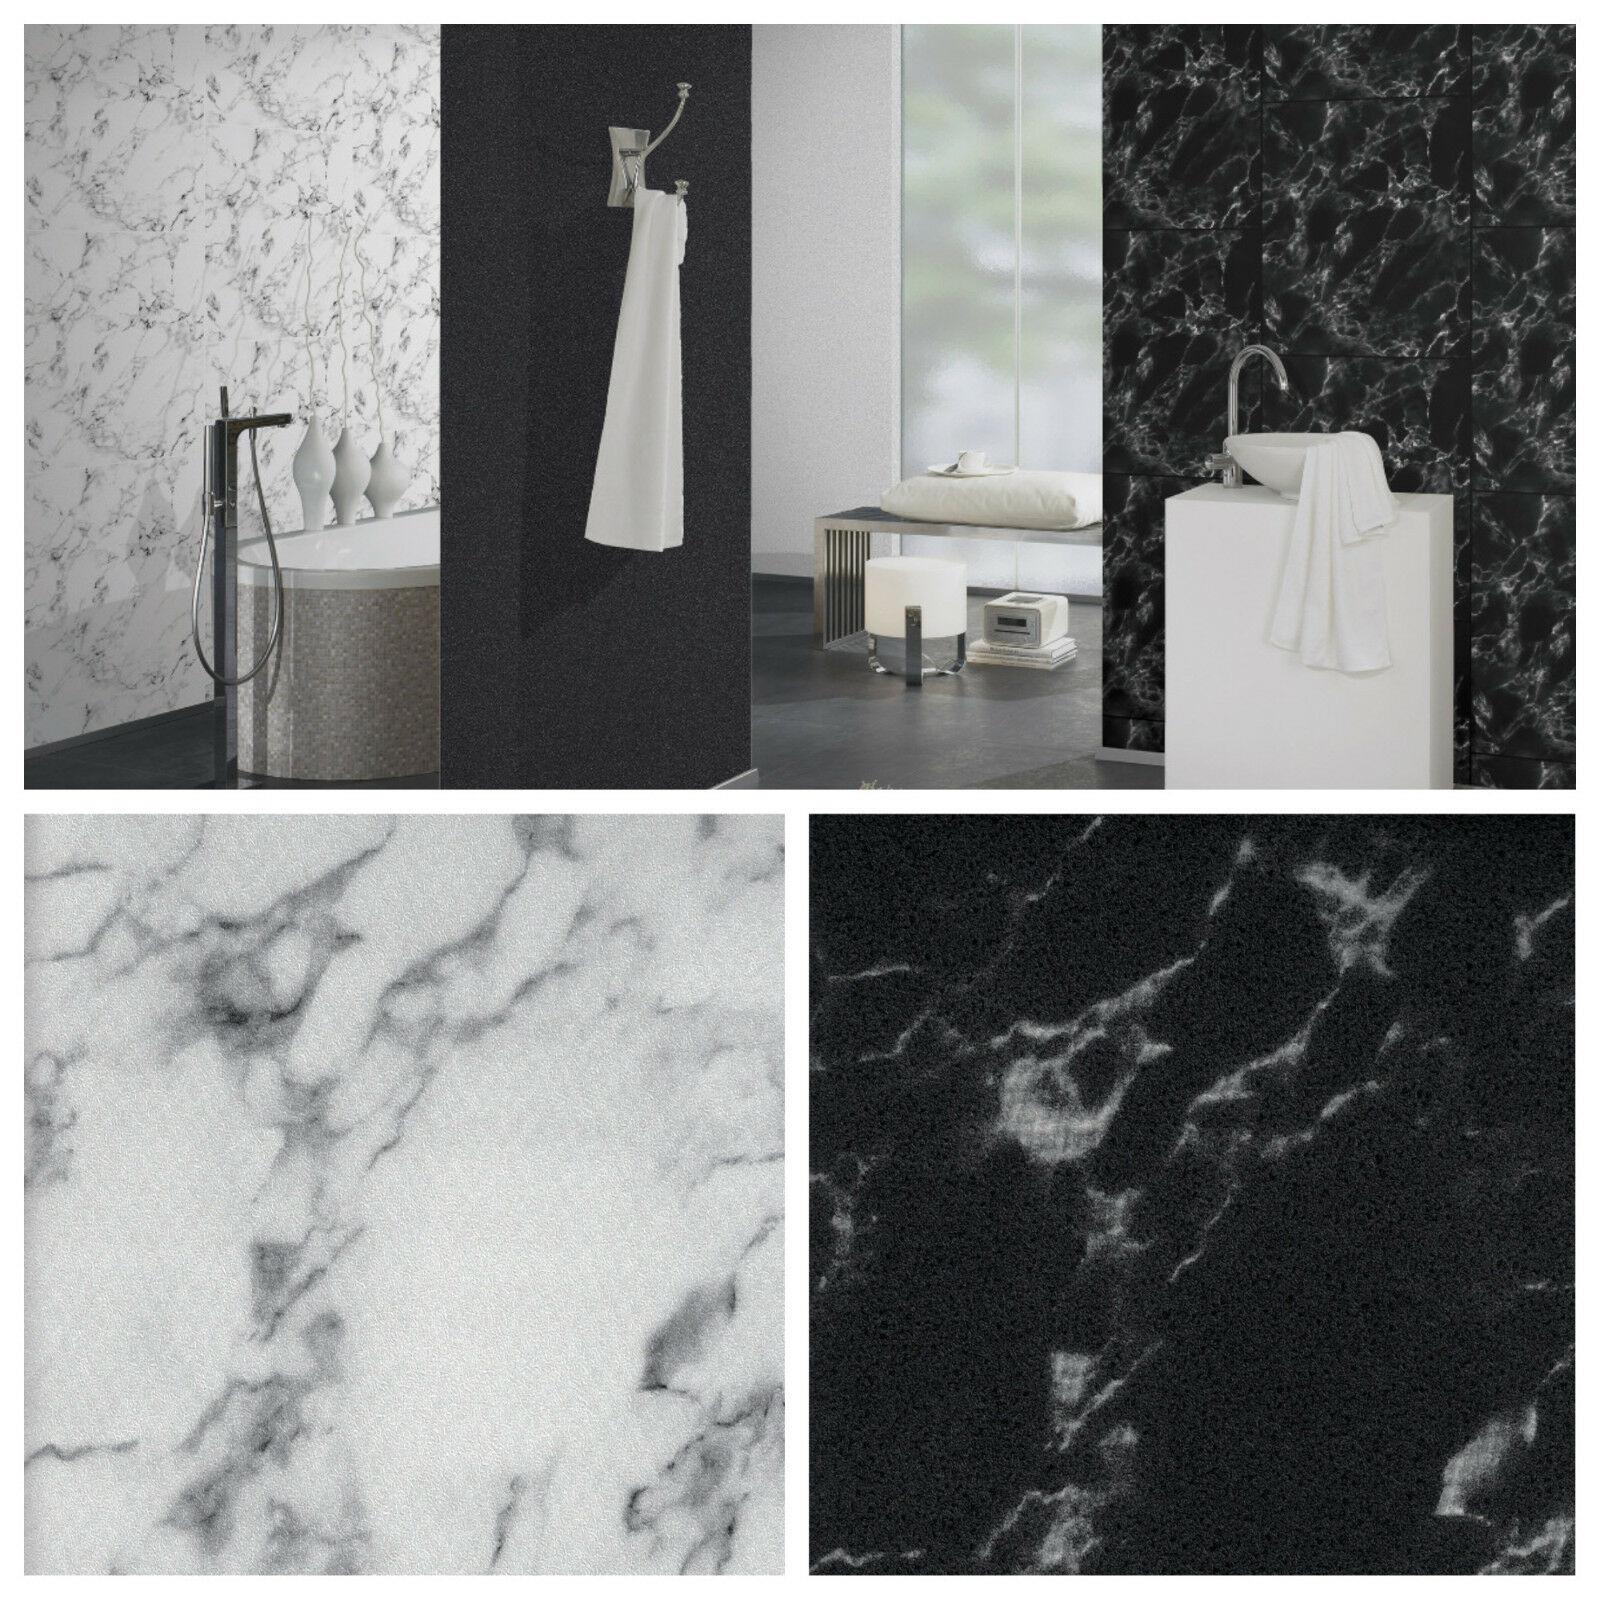 steintapete weiss, vlies tapete marmor platten naturstein fliesen steintapete weiß, Design ideen